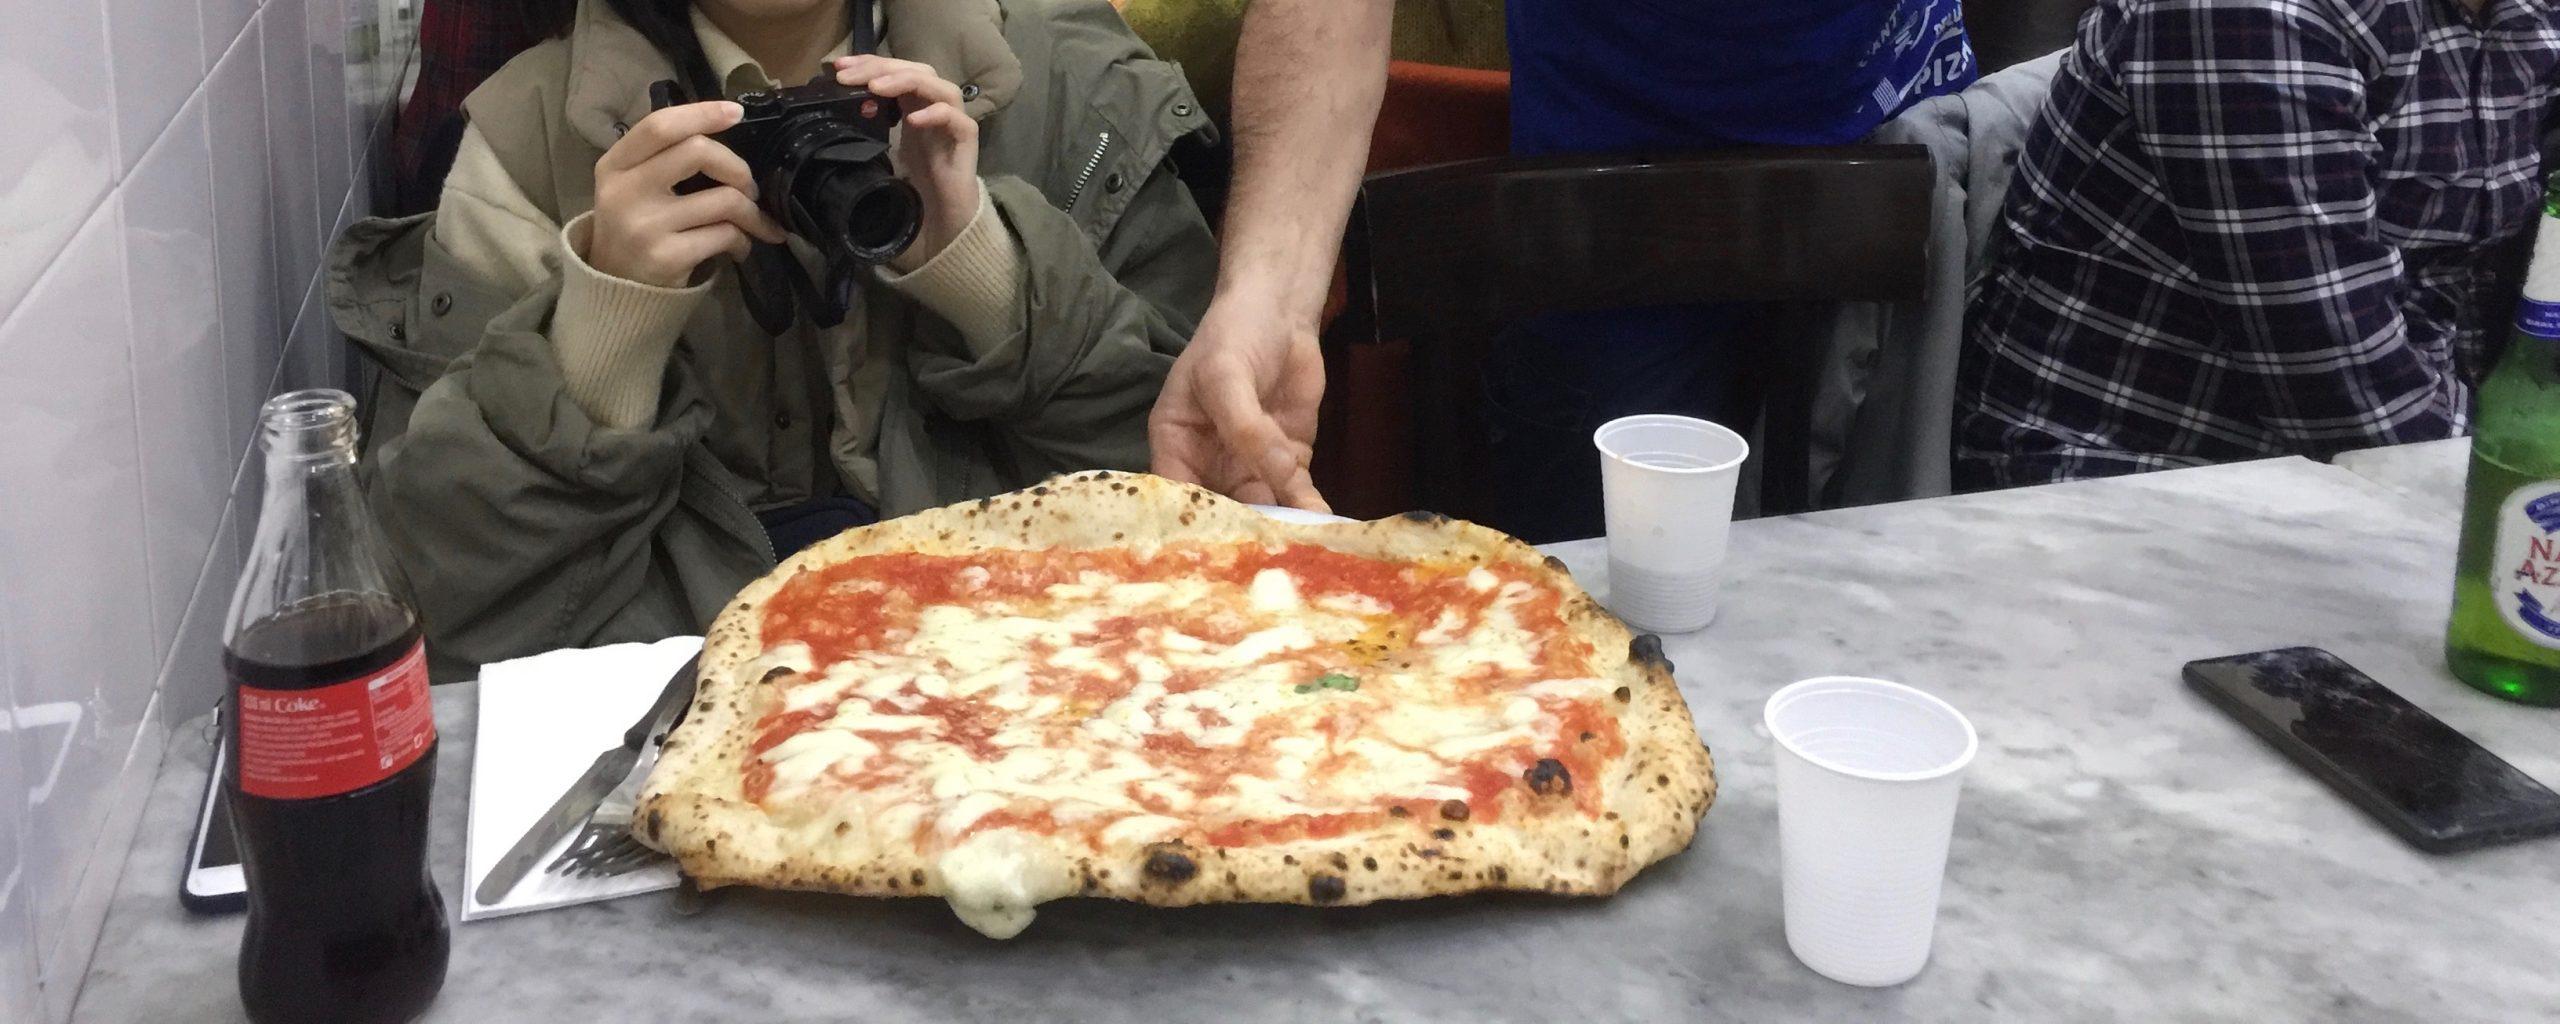 拿坡里美食|拿坡里披薩L'Antica Pizzeria Da Michele〈享受吧!一個人的旅行〉